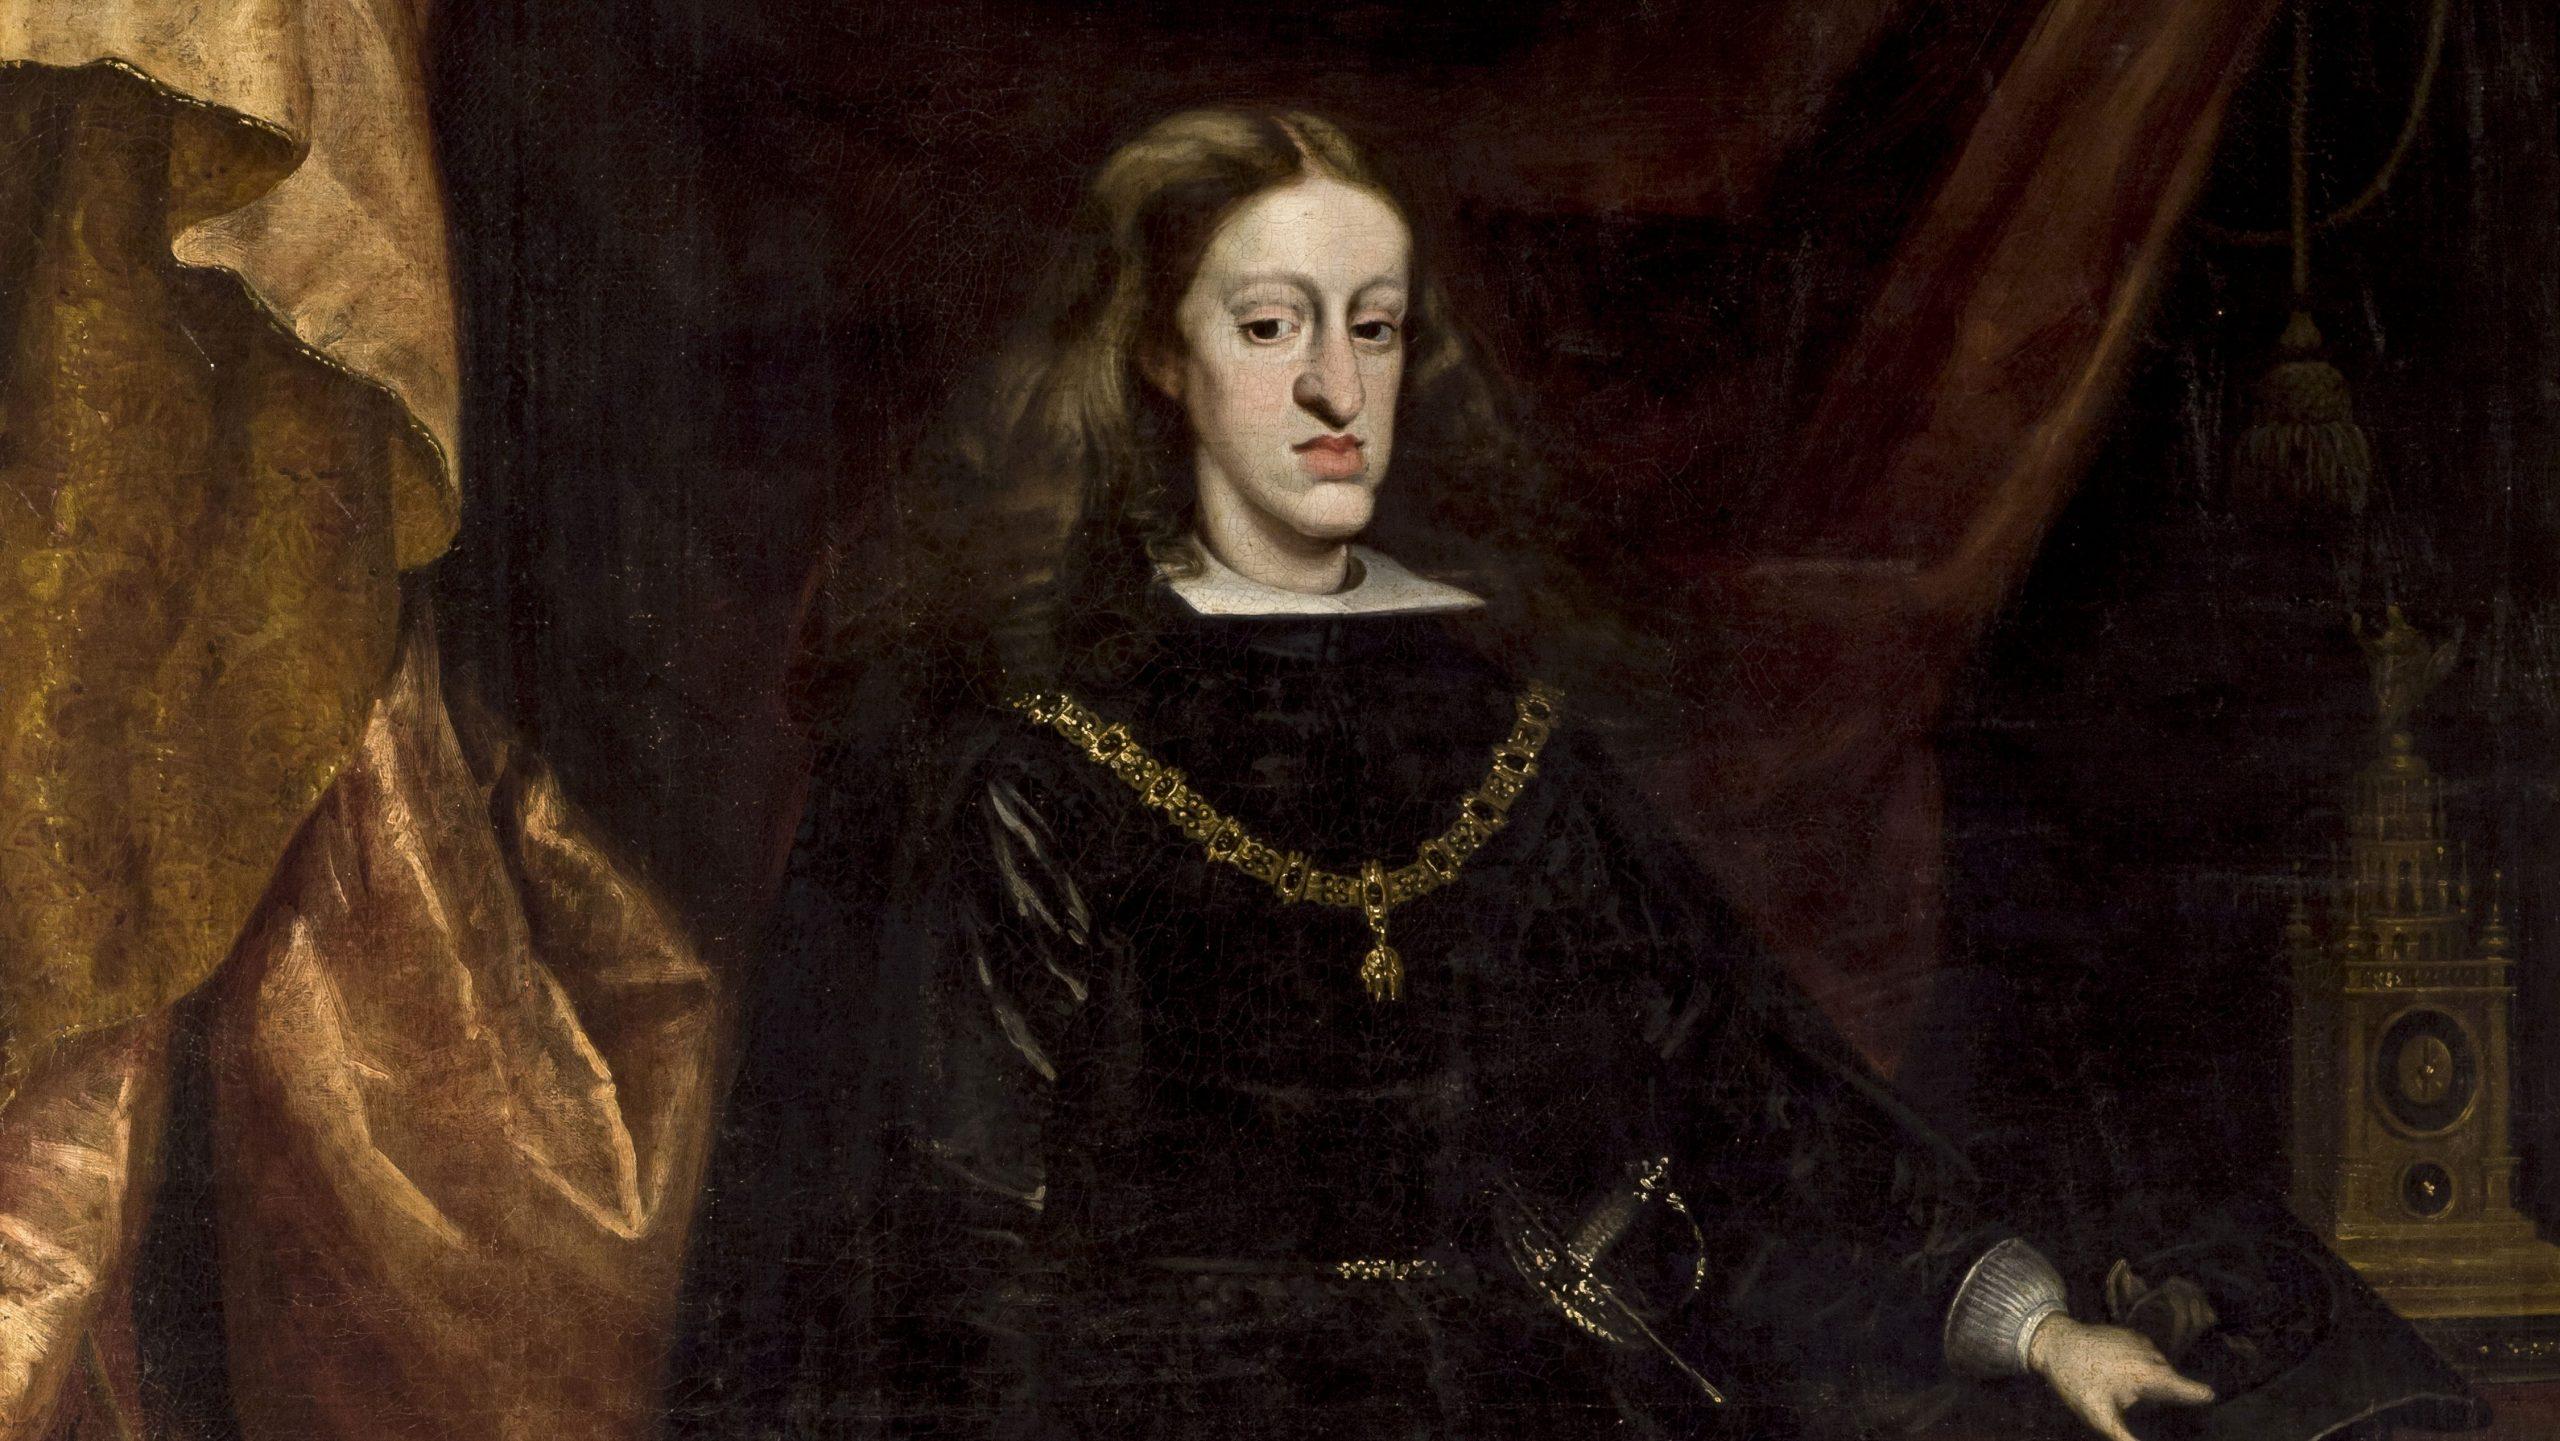 Retrato de Carlos II, da dinastia Habsburgo